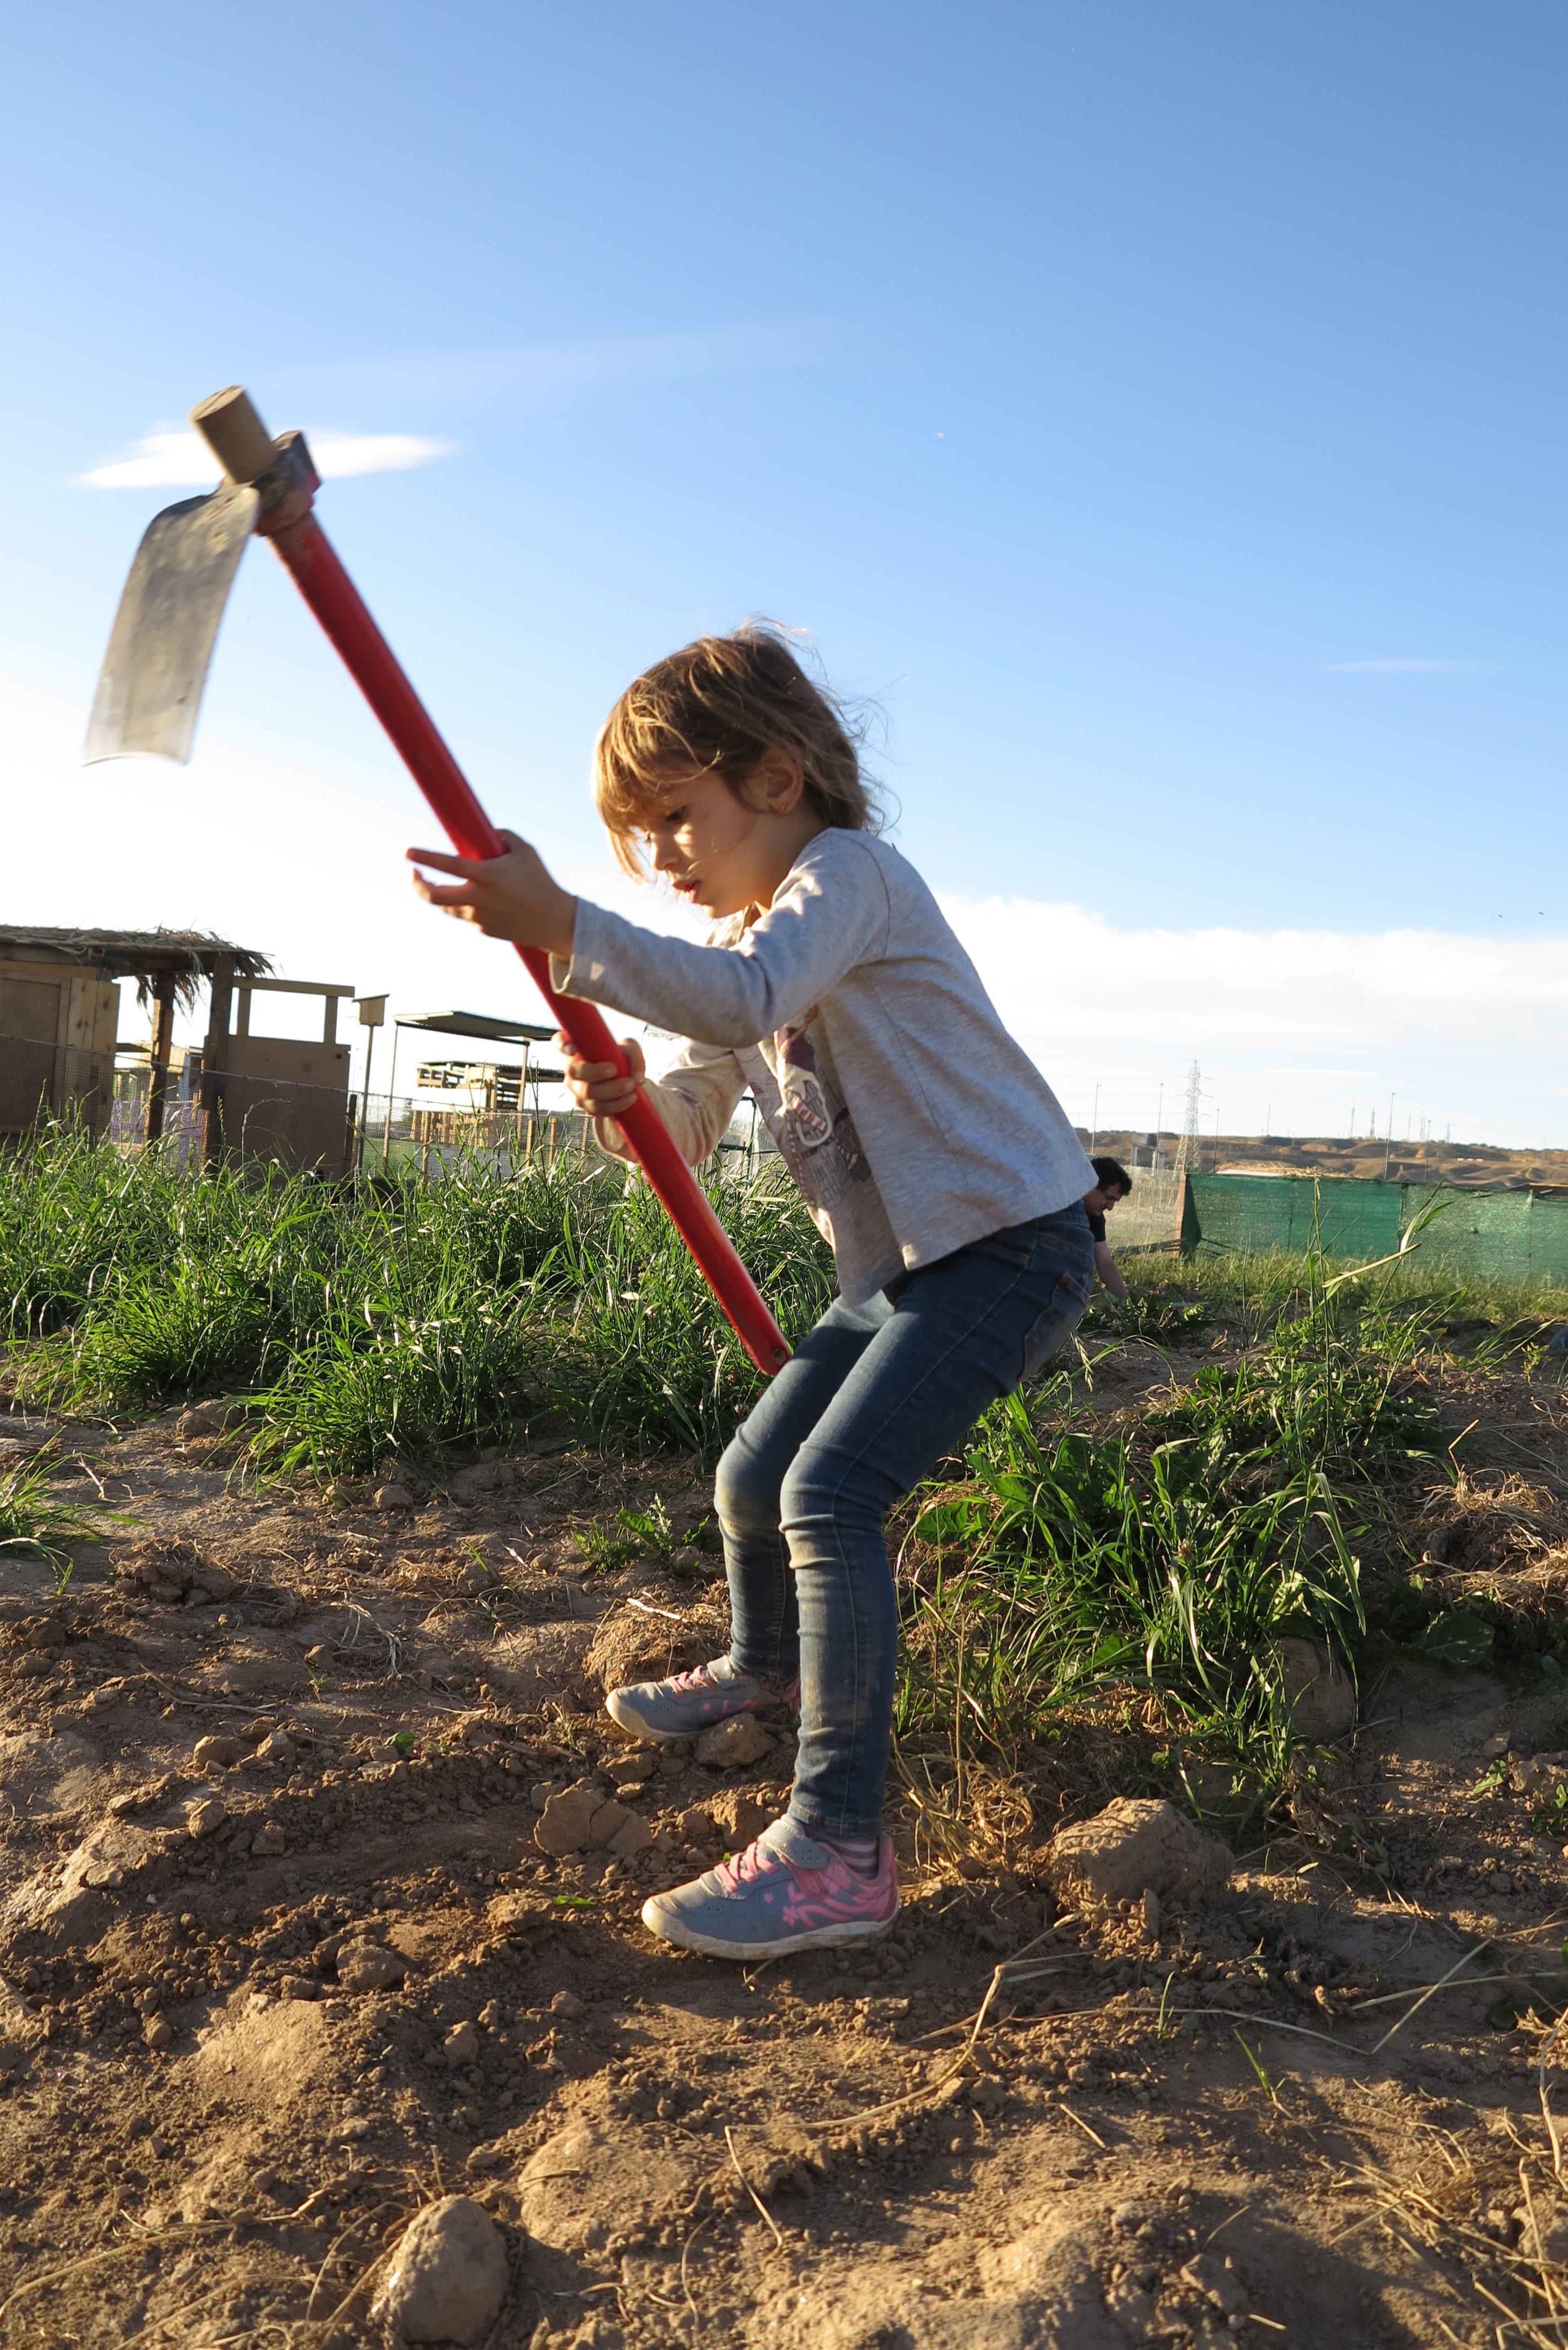 Dá trabalho: para manter a horta viva e produtiva é preciso dedicação e paciência - até dos pequenos (Foto Rosane Marinho)